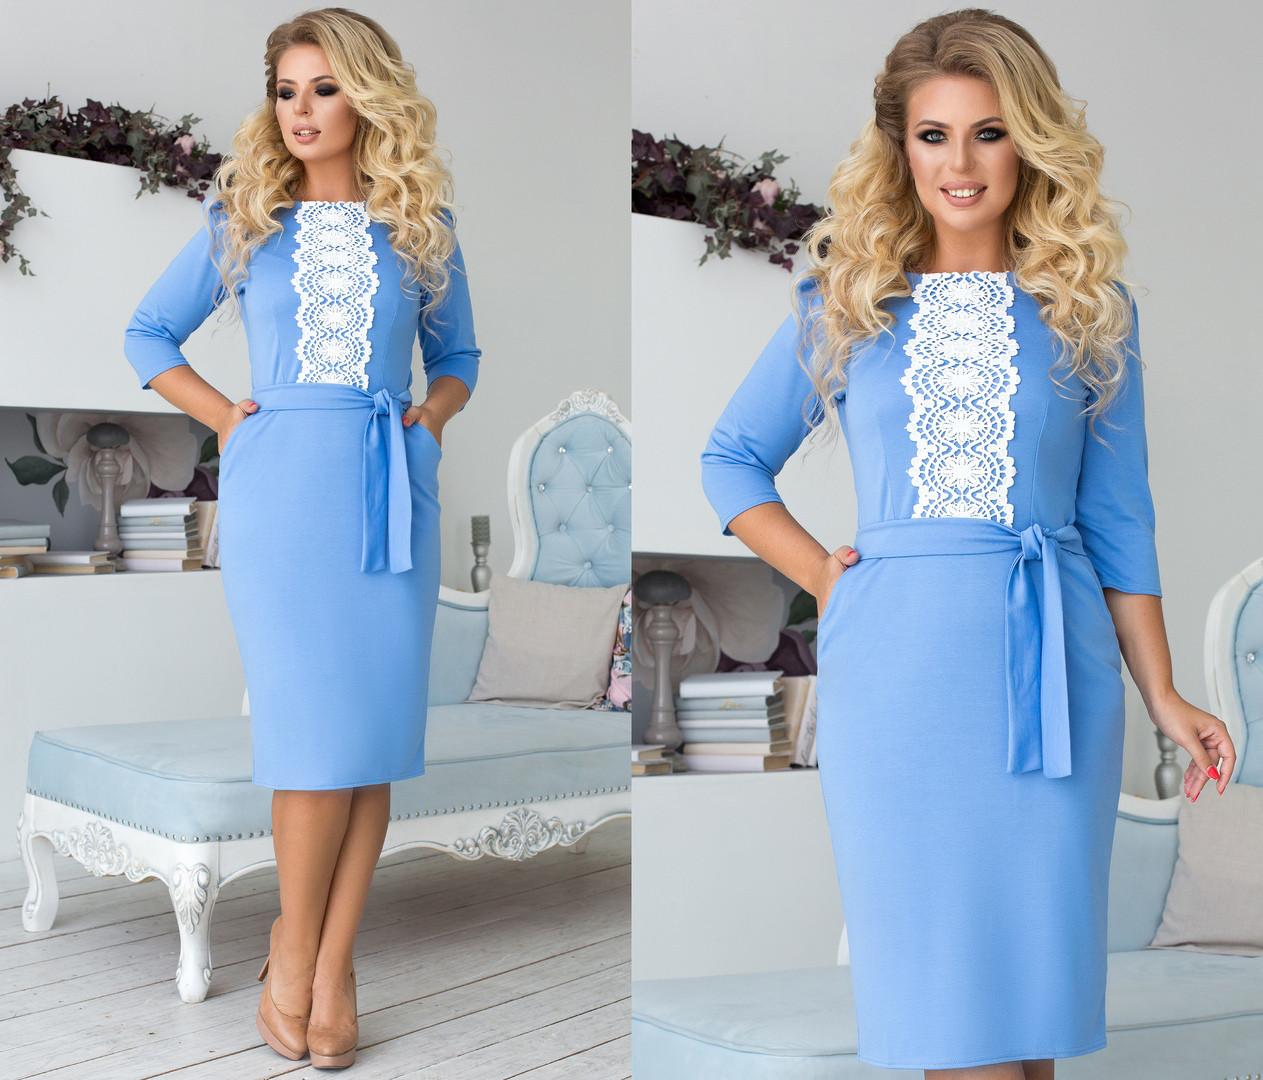 Приталенное платье  больших размеров 48+ спереди украшено кружевом  / 6 цветов арт 6685-93